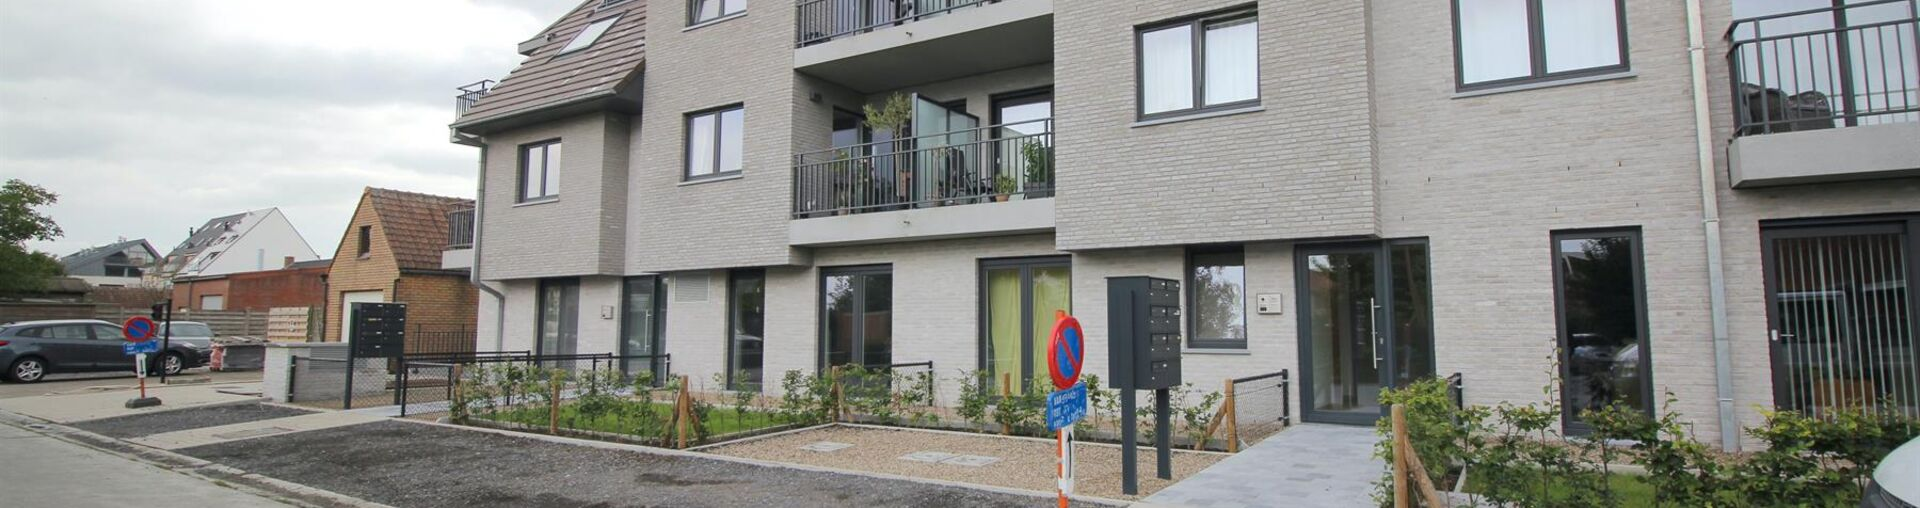 Residentie De Berenpoort